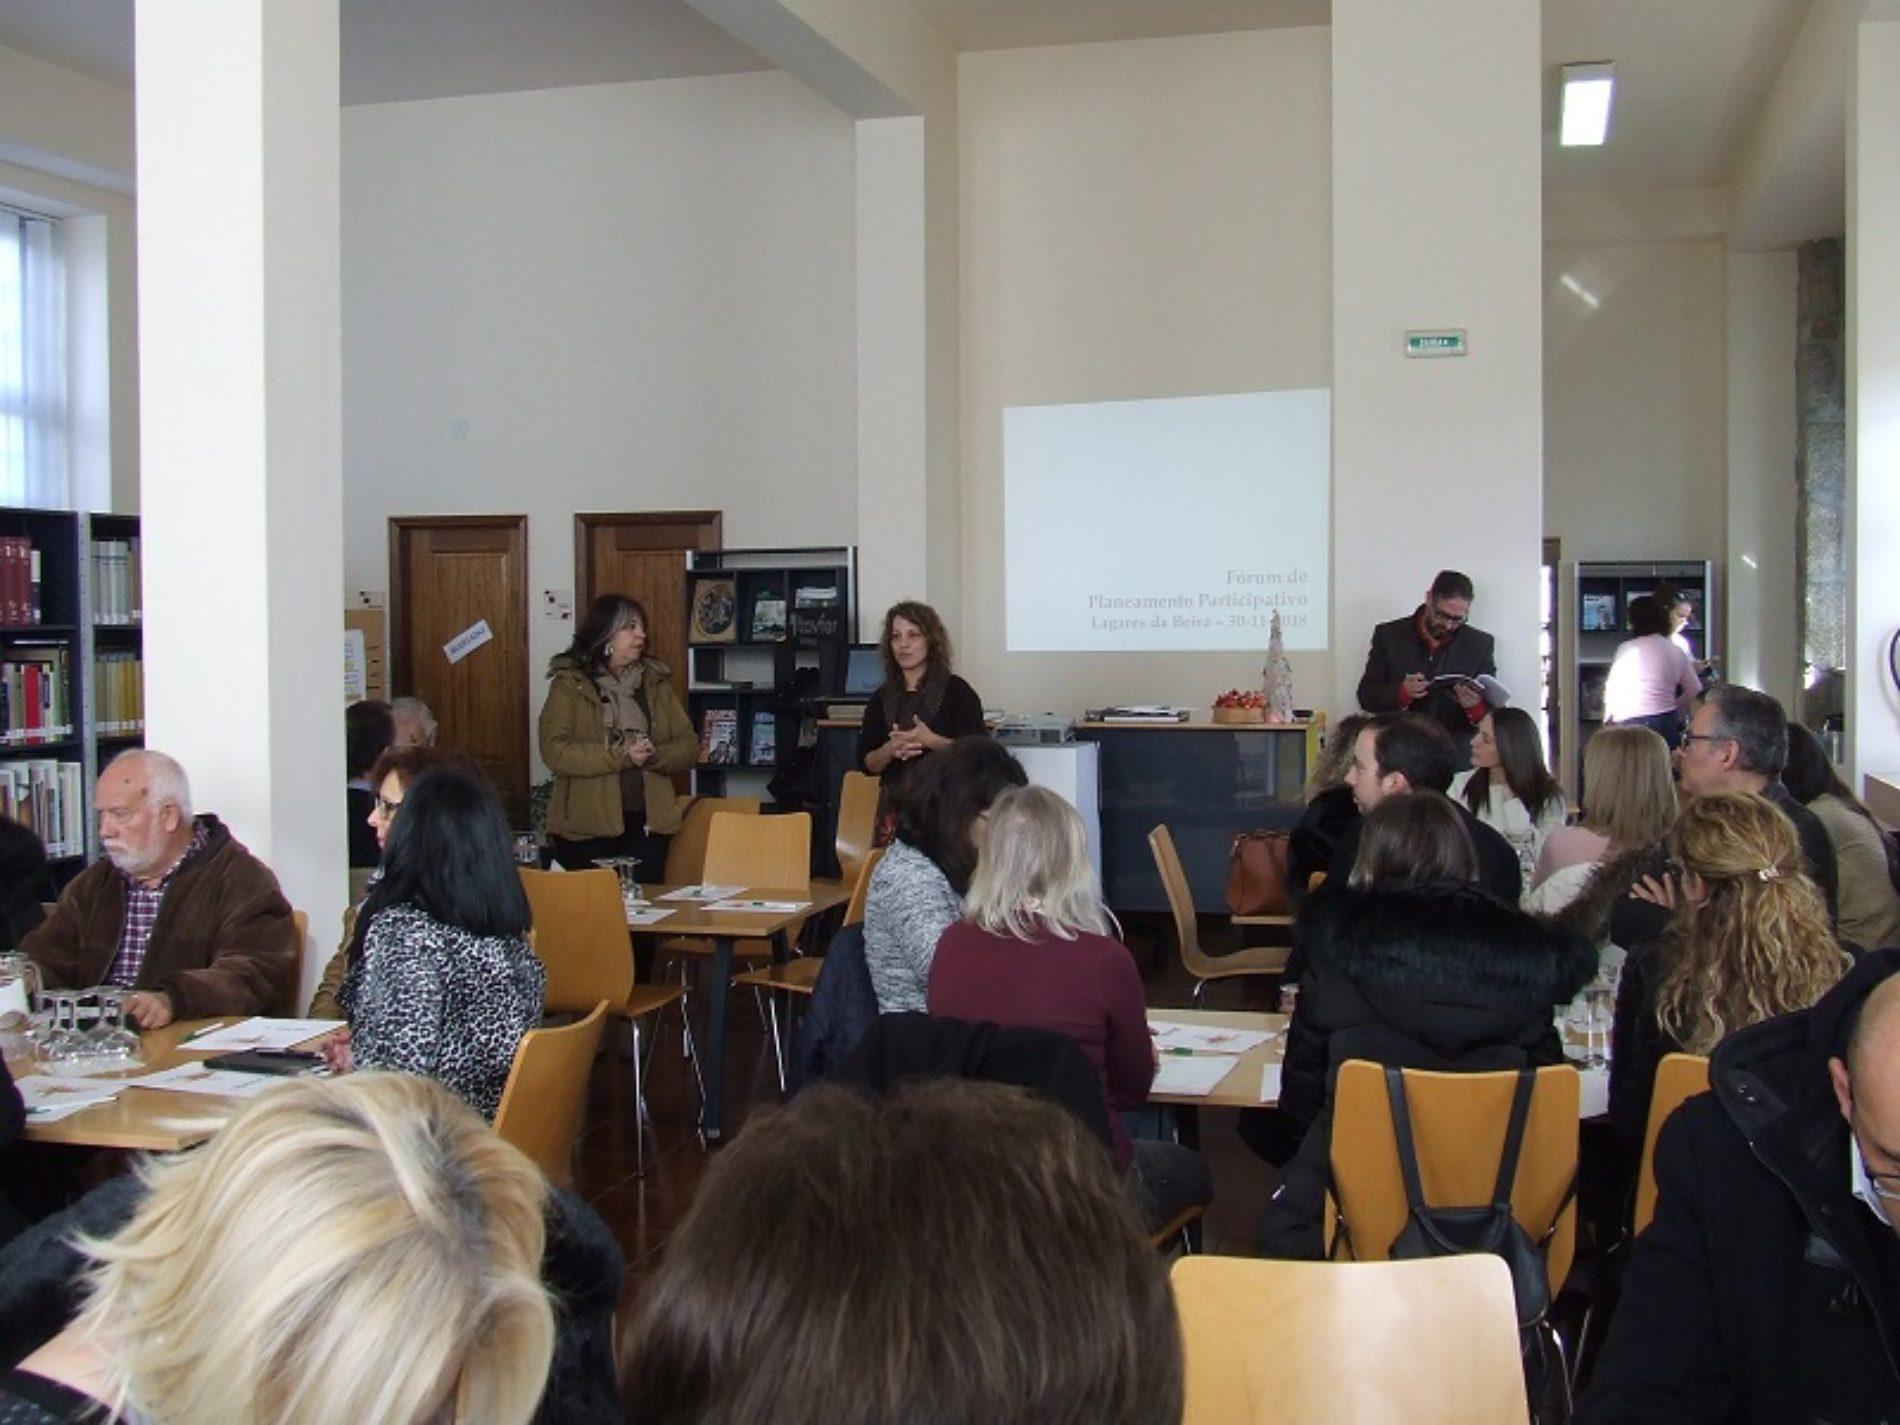 Rede Social do concelho de Oliveira do Hospital reuniu em Fórum de Planeamento Participativo